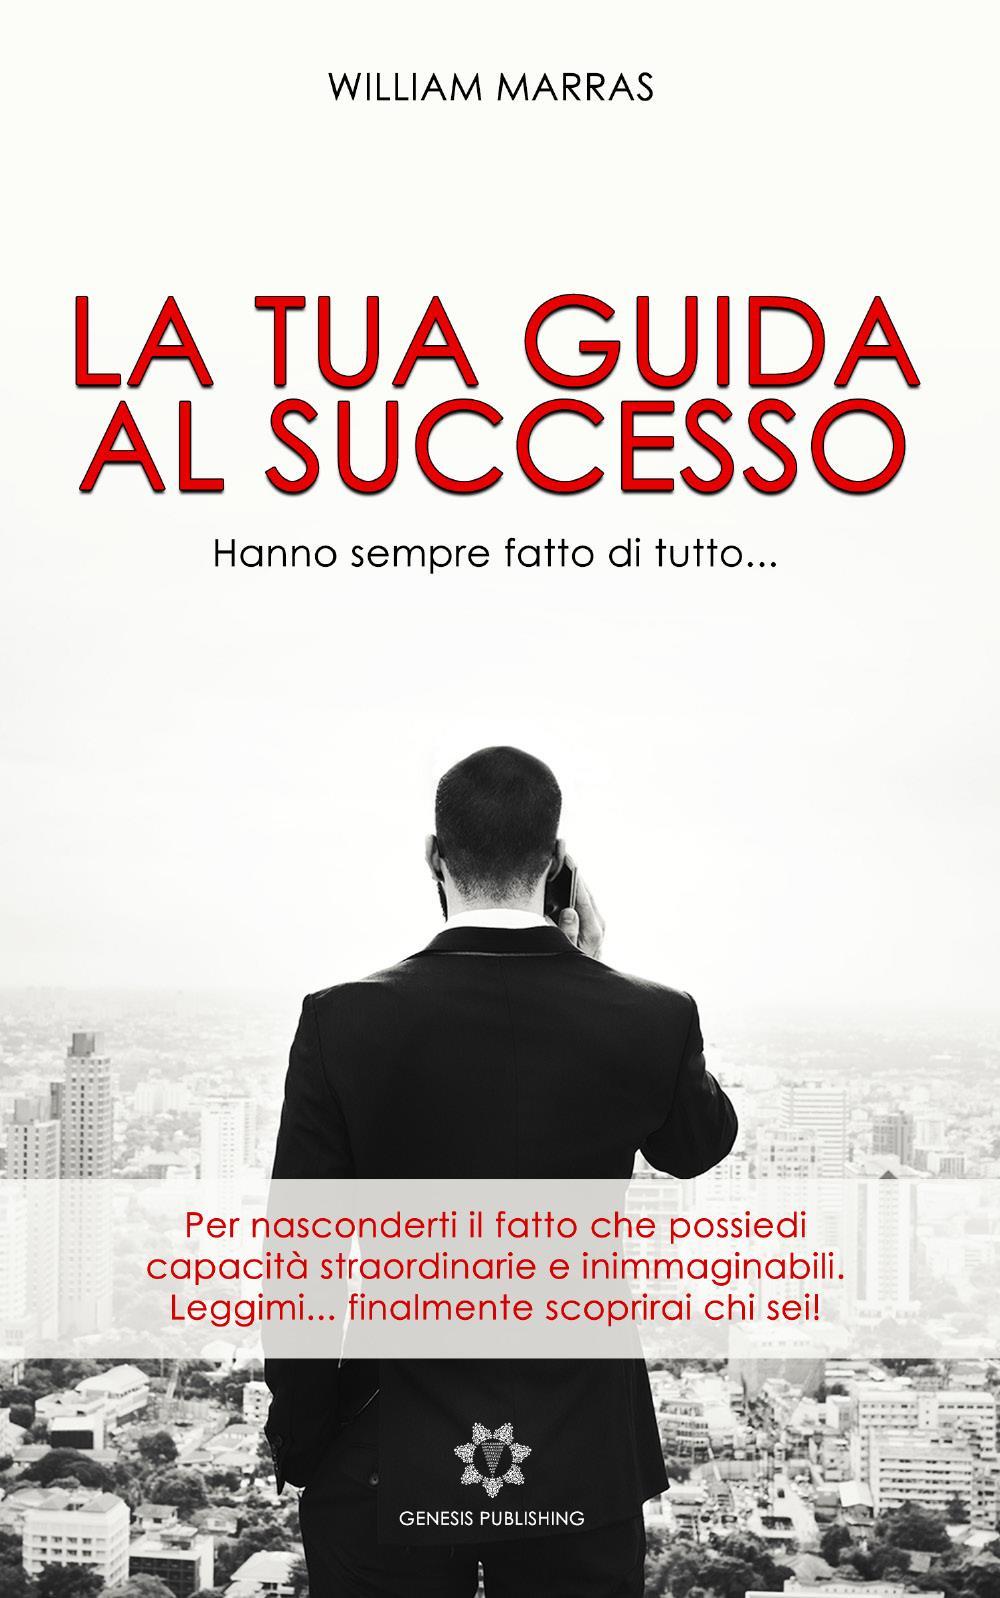 La tua guida al successo